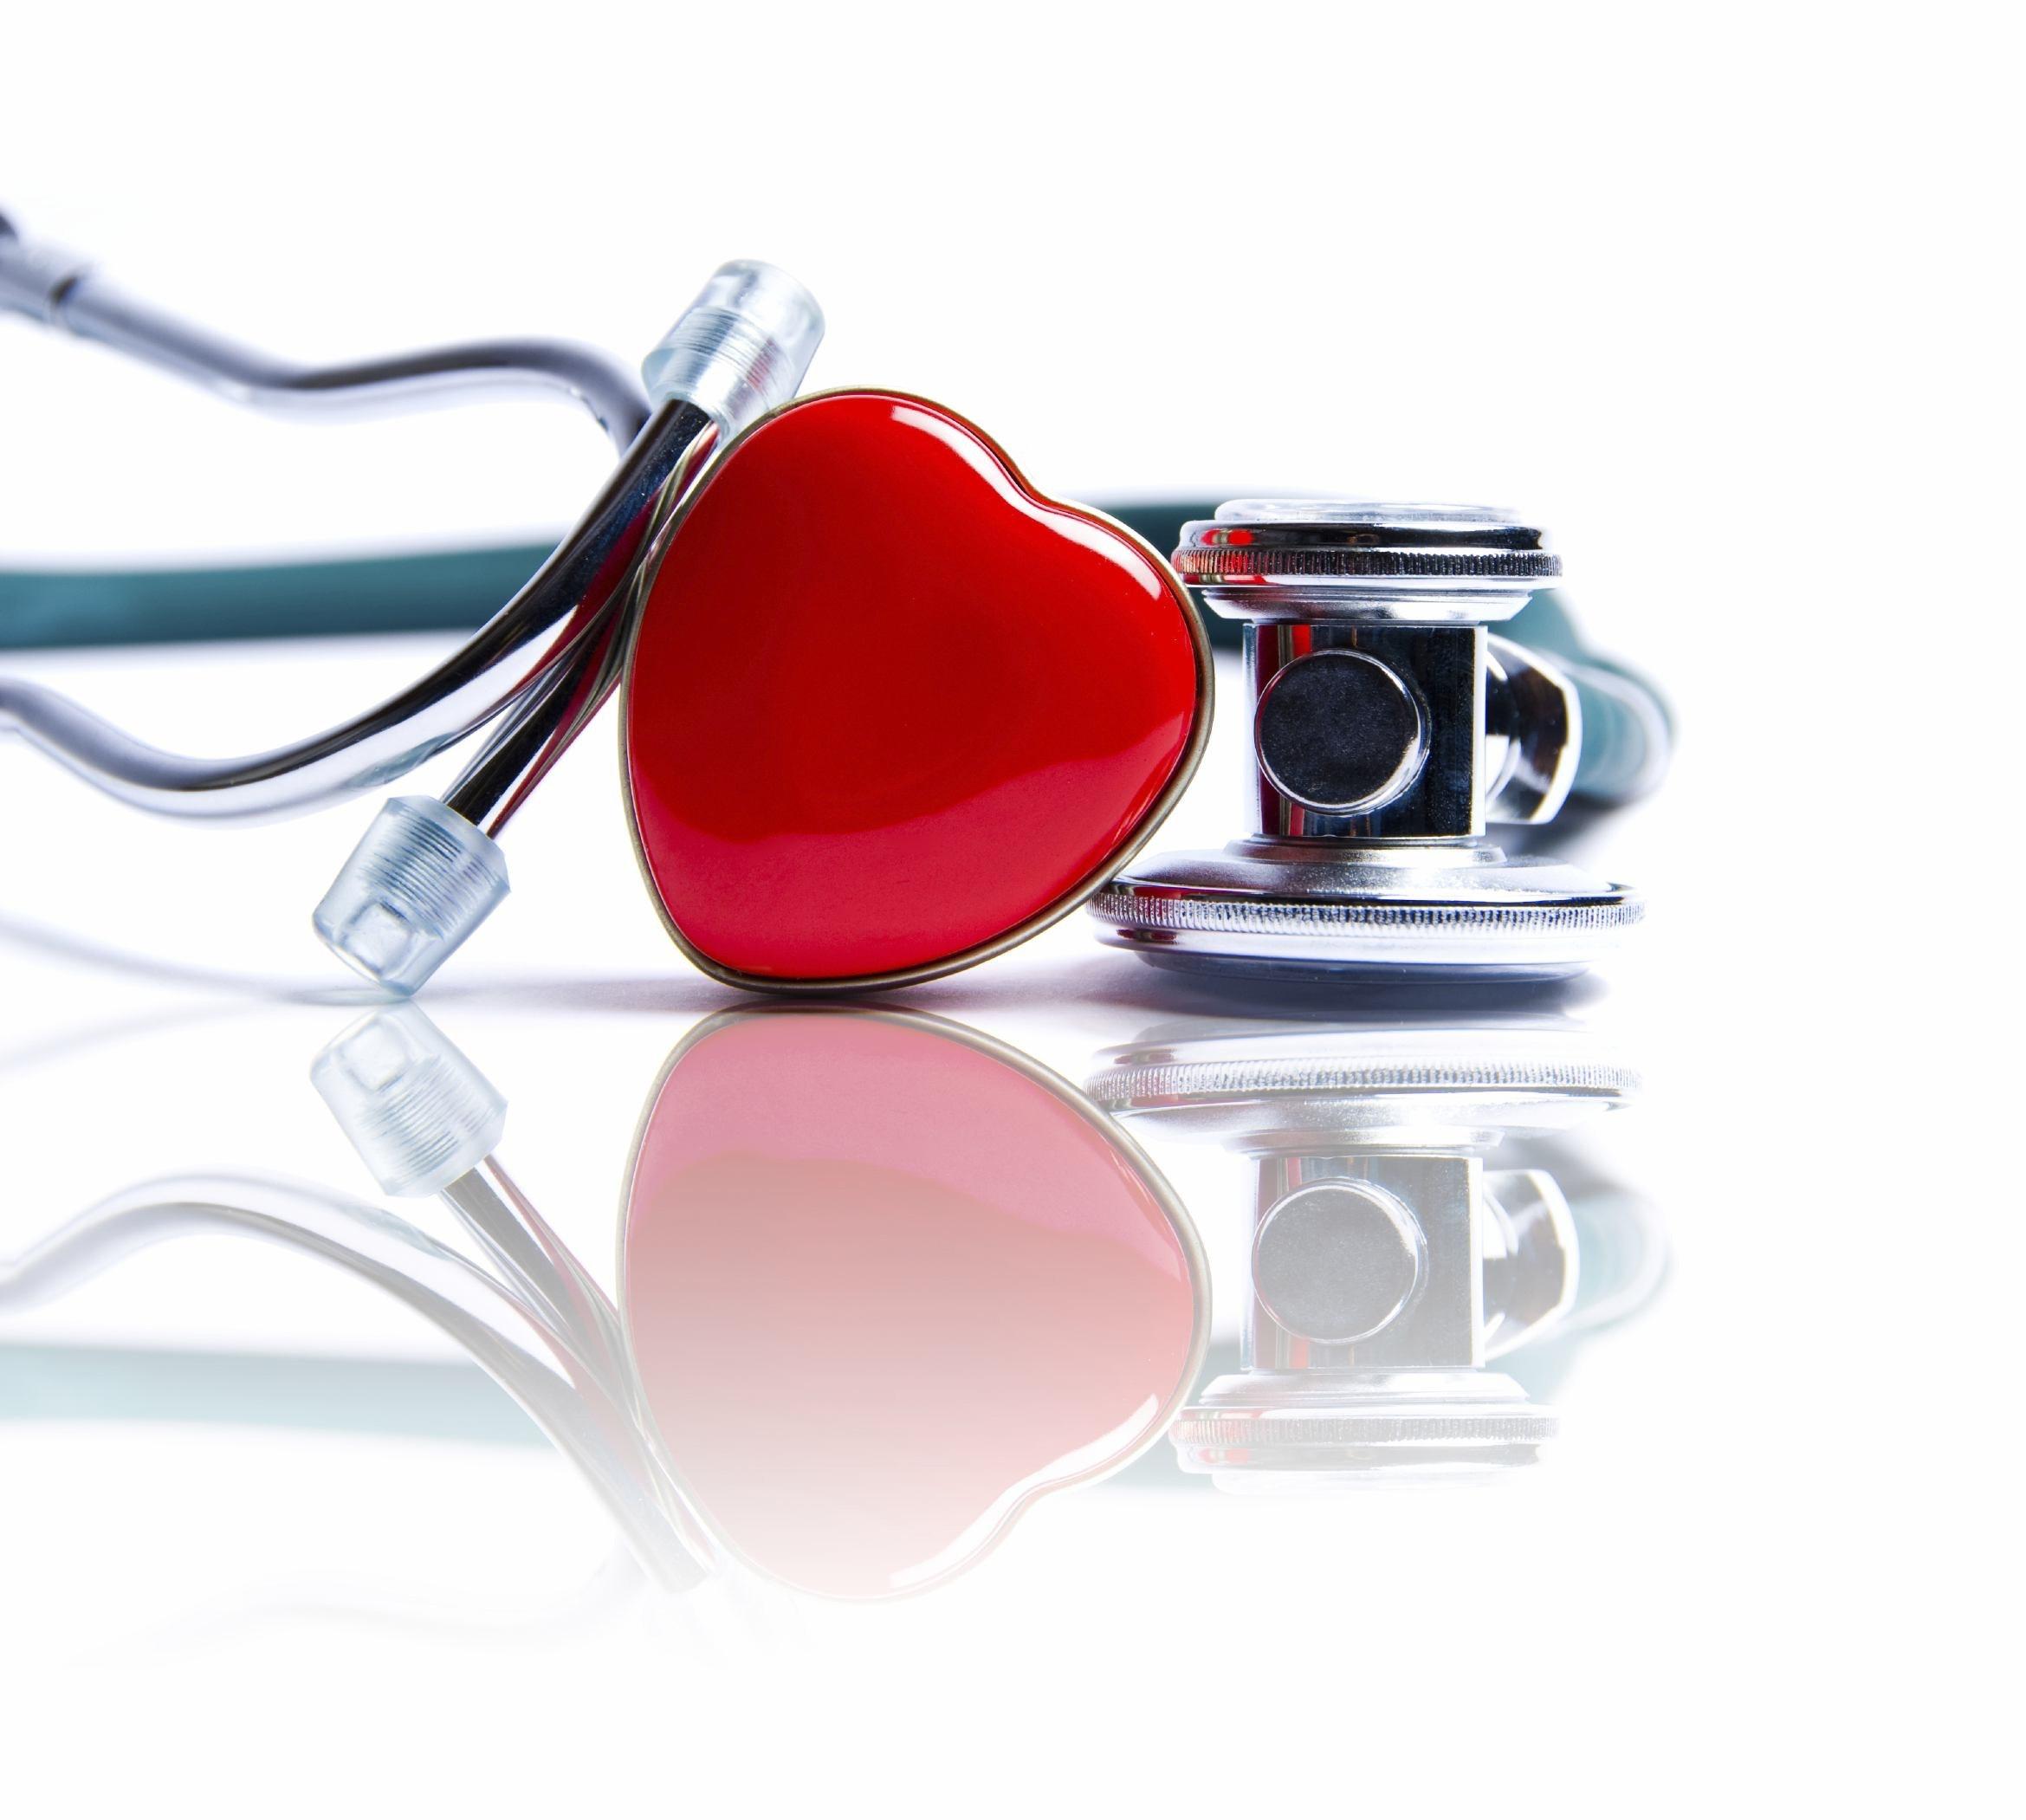 5 უფასო კურსი სამედიცინო მასალების მთარგმნელებისთვის